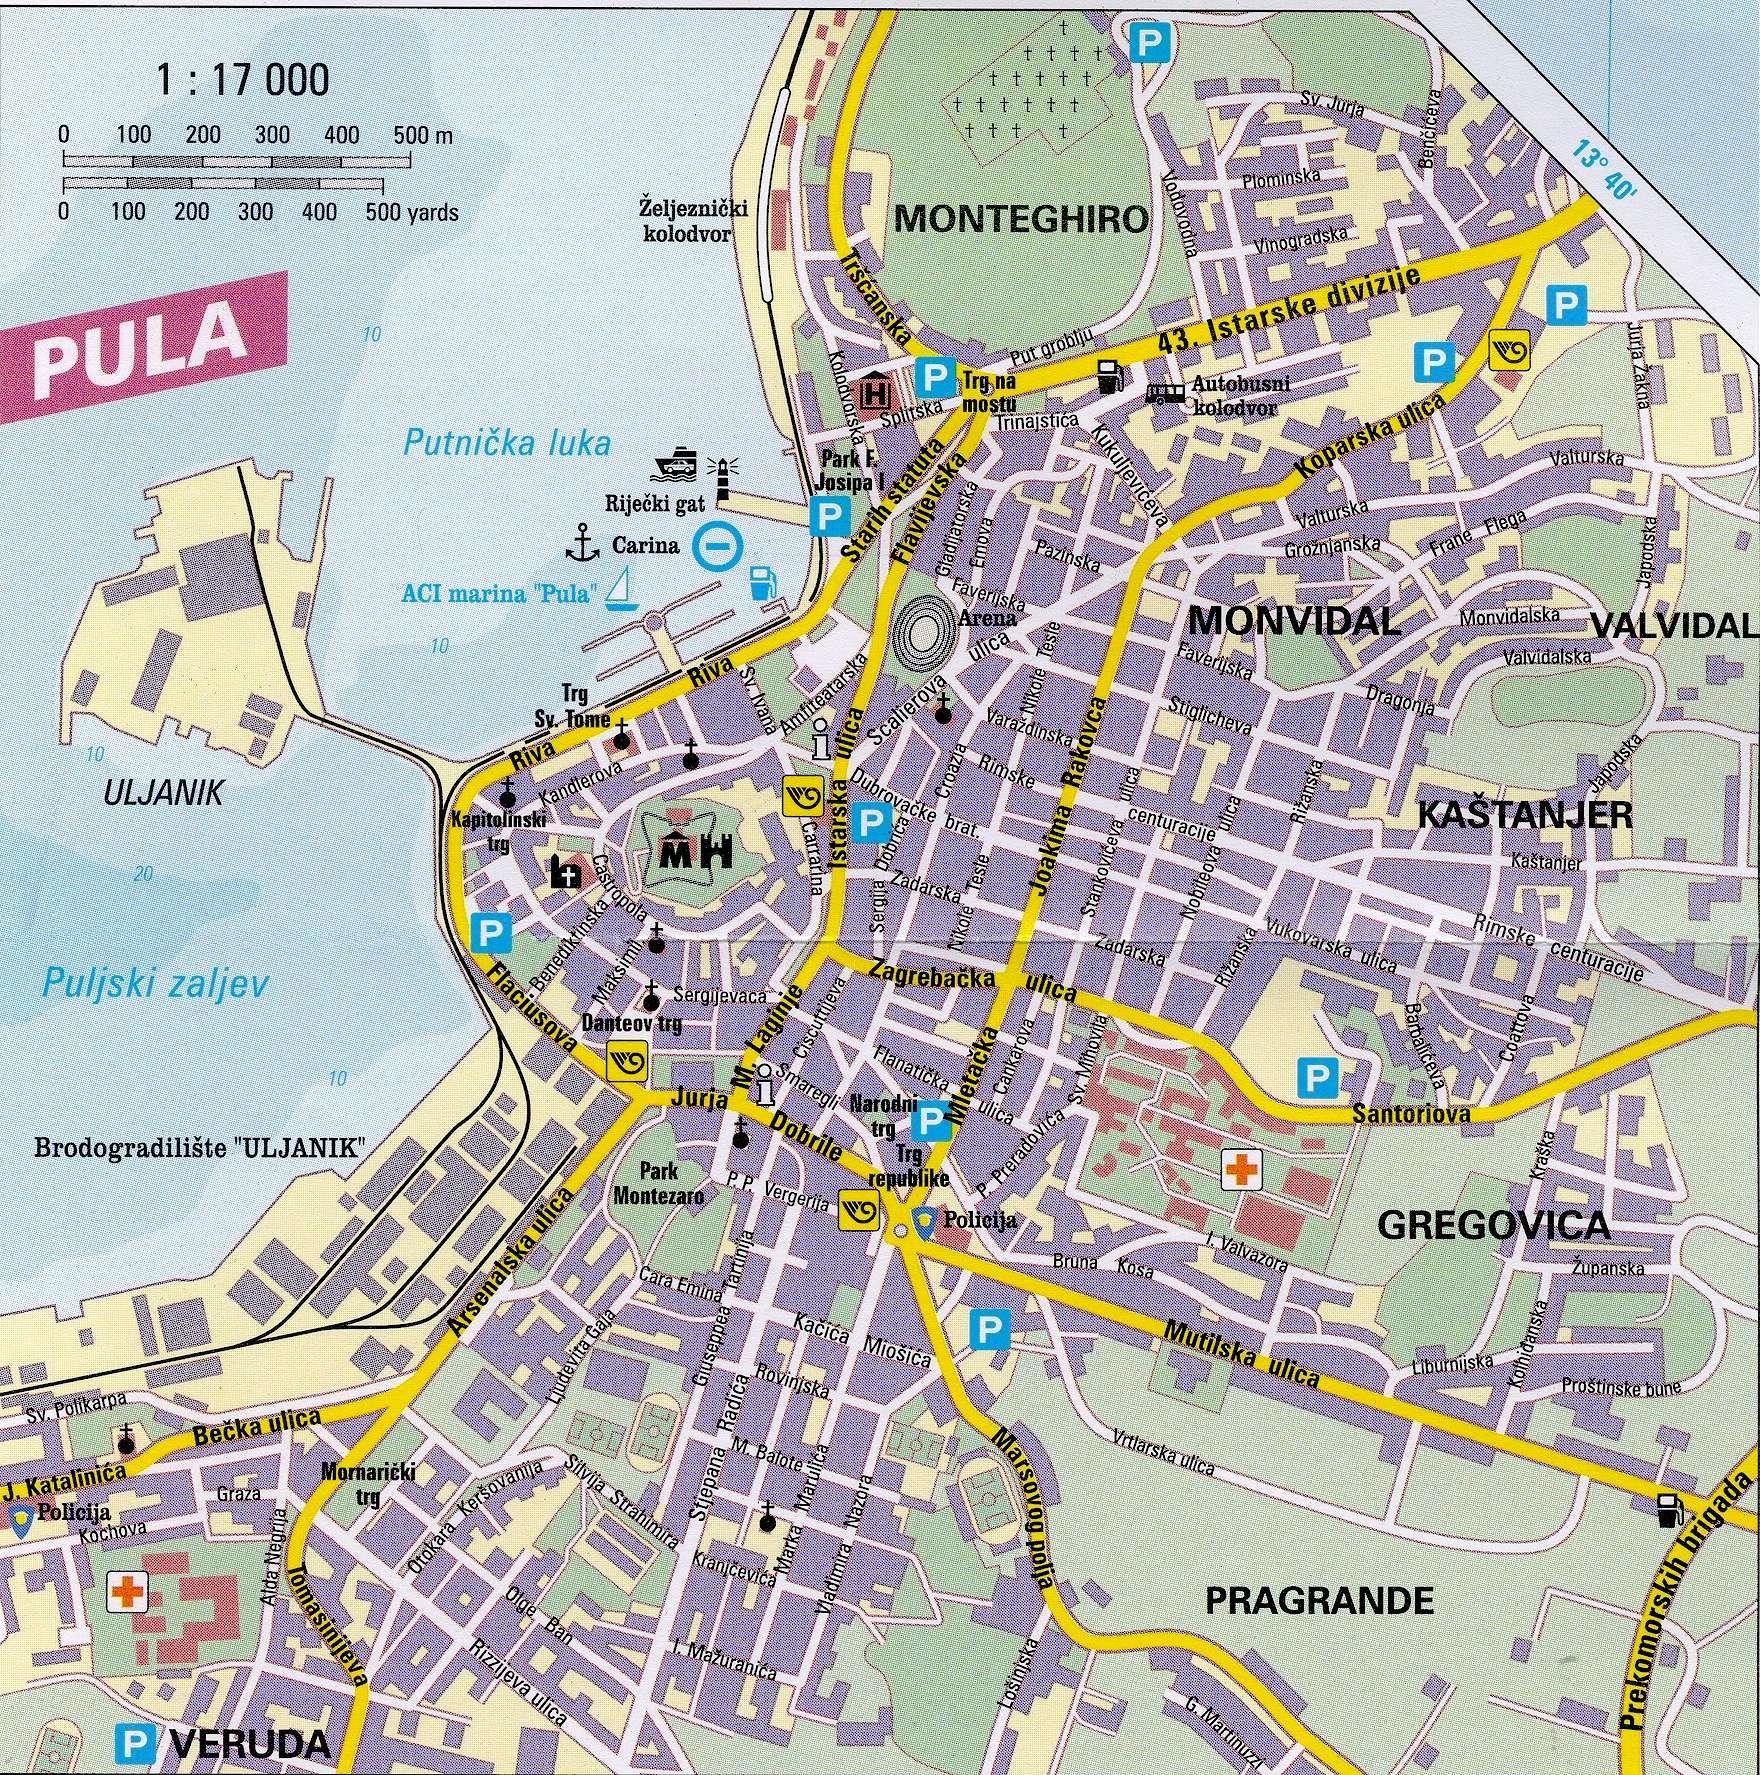 pula karte Stadtplan von Pula | Detaillierte gedruckte Karten von Pula  pula karte